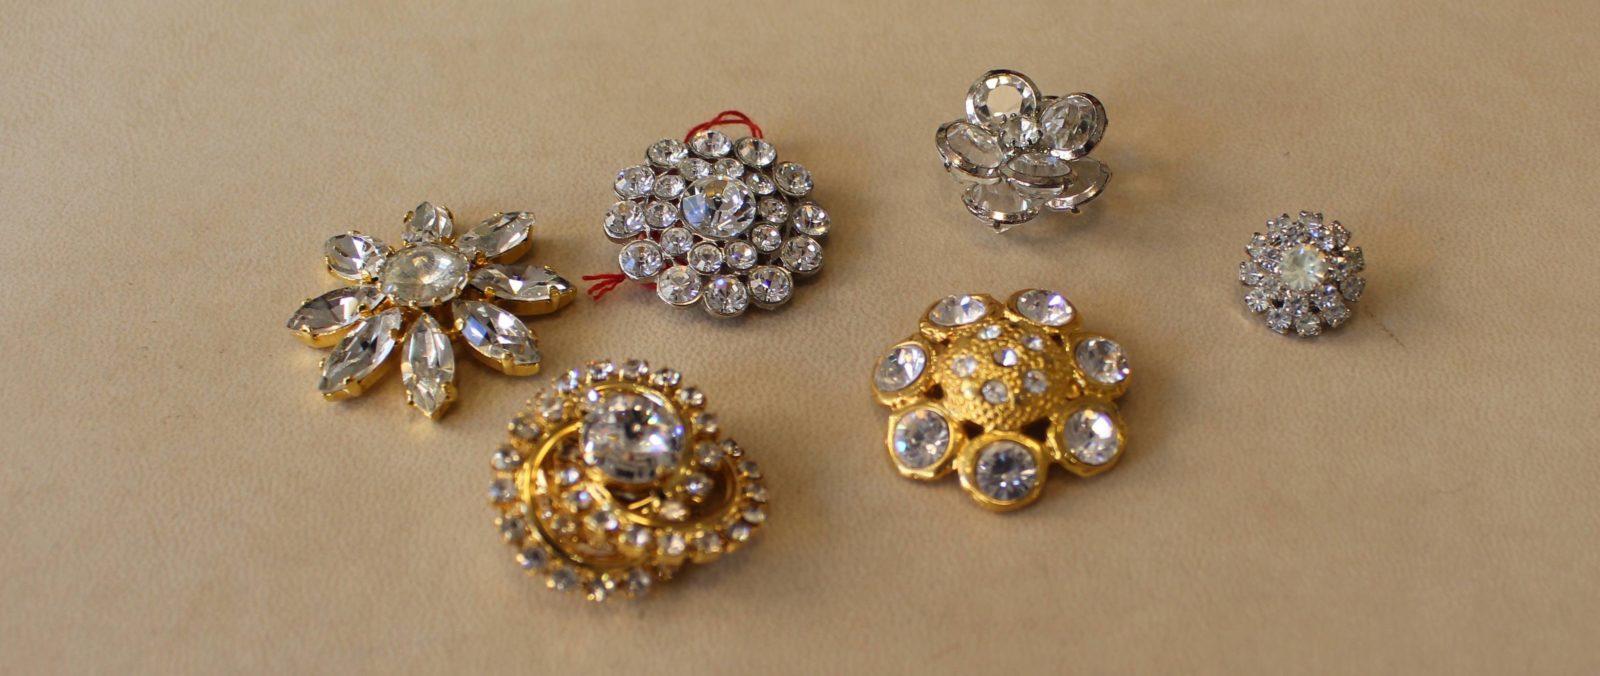 Atelier Casaquin Lausanne boutons brillants